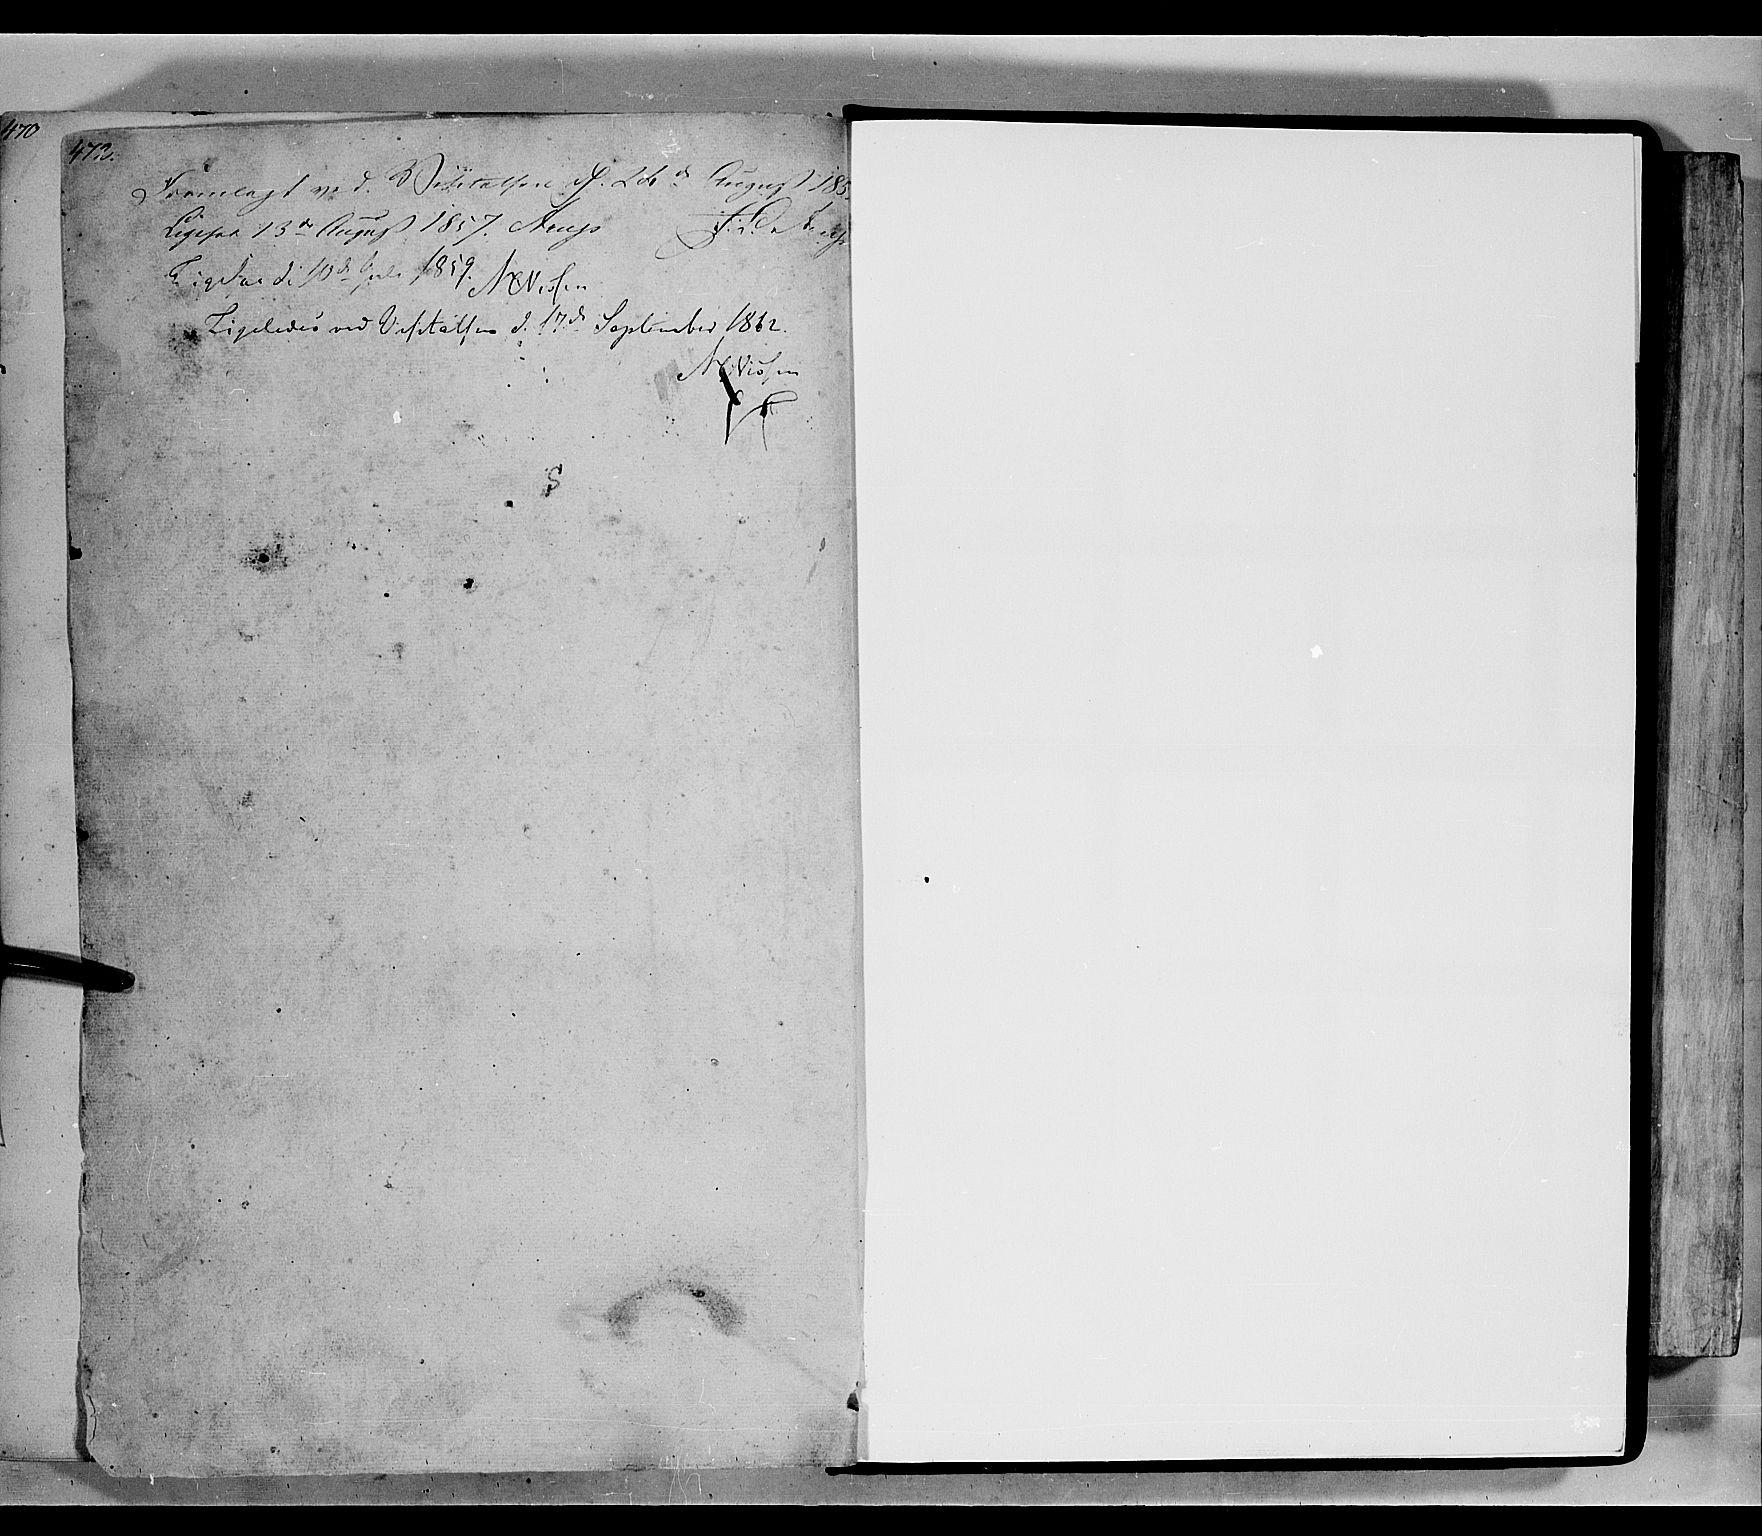 SAH, Lom prestekontor, L/L0004: Klokkerbok nr. 4, 1845-1864, s. 472-473